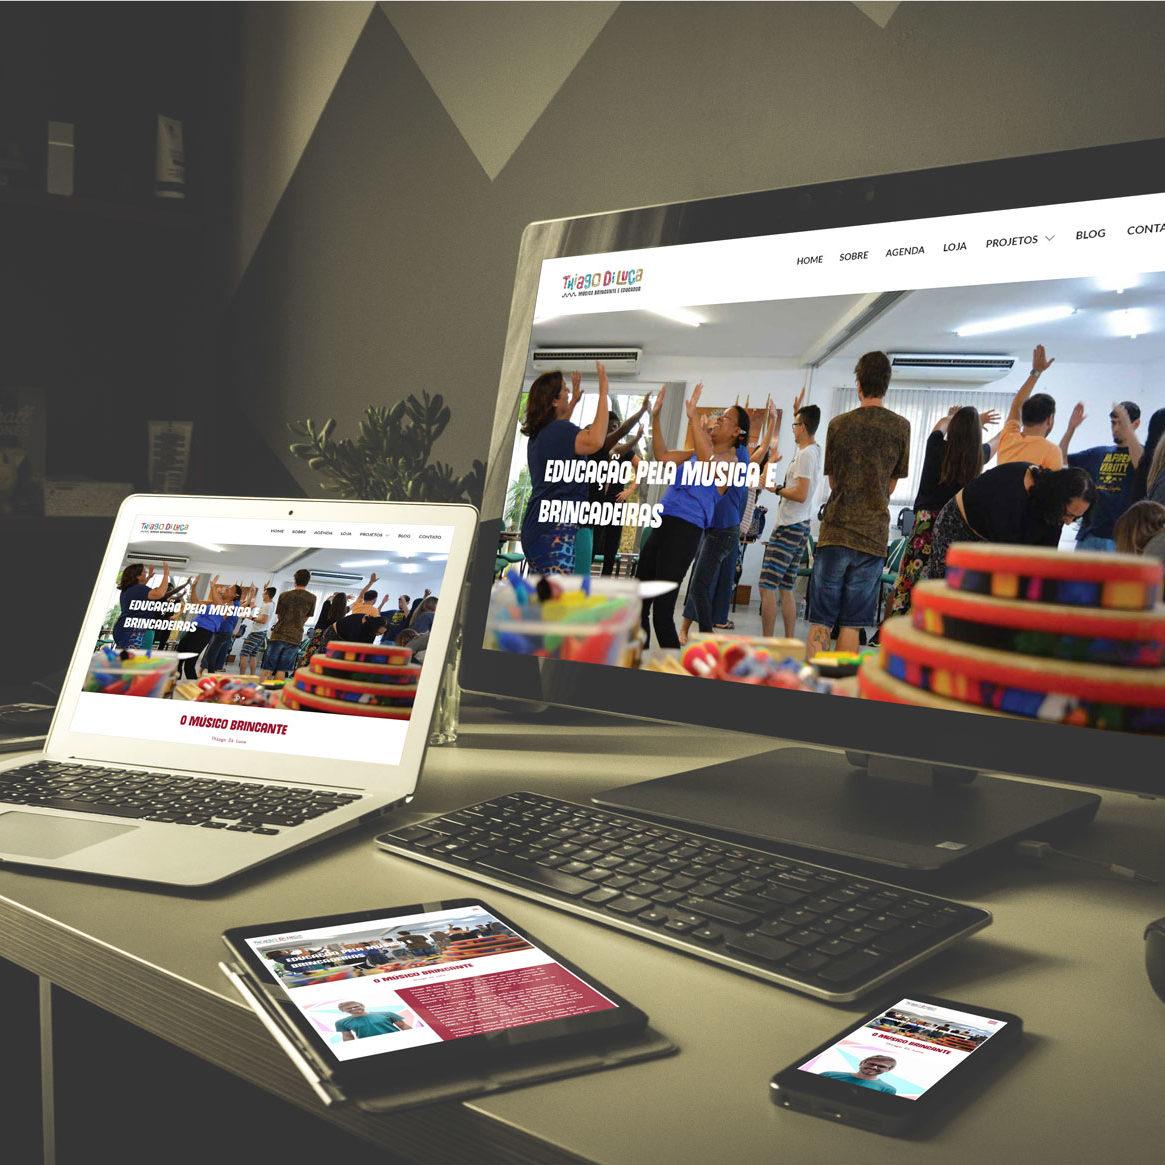 Quando a gente realiza mais um sonho, a felicidade do cliente também vira a nossa! O site do músico e educador Thiago Di Luca , nos deu o marco do 20º projeto de Desenvolvimento Web.